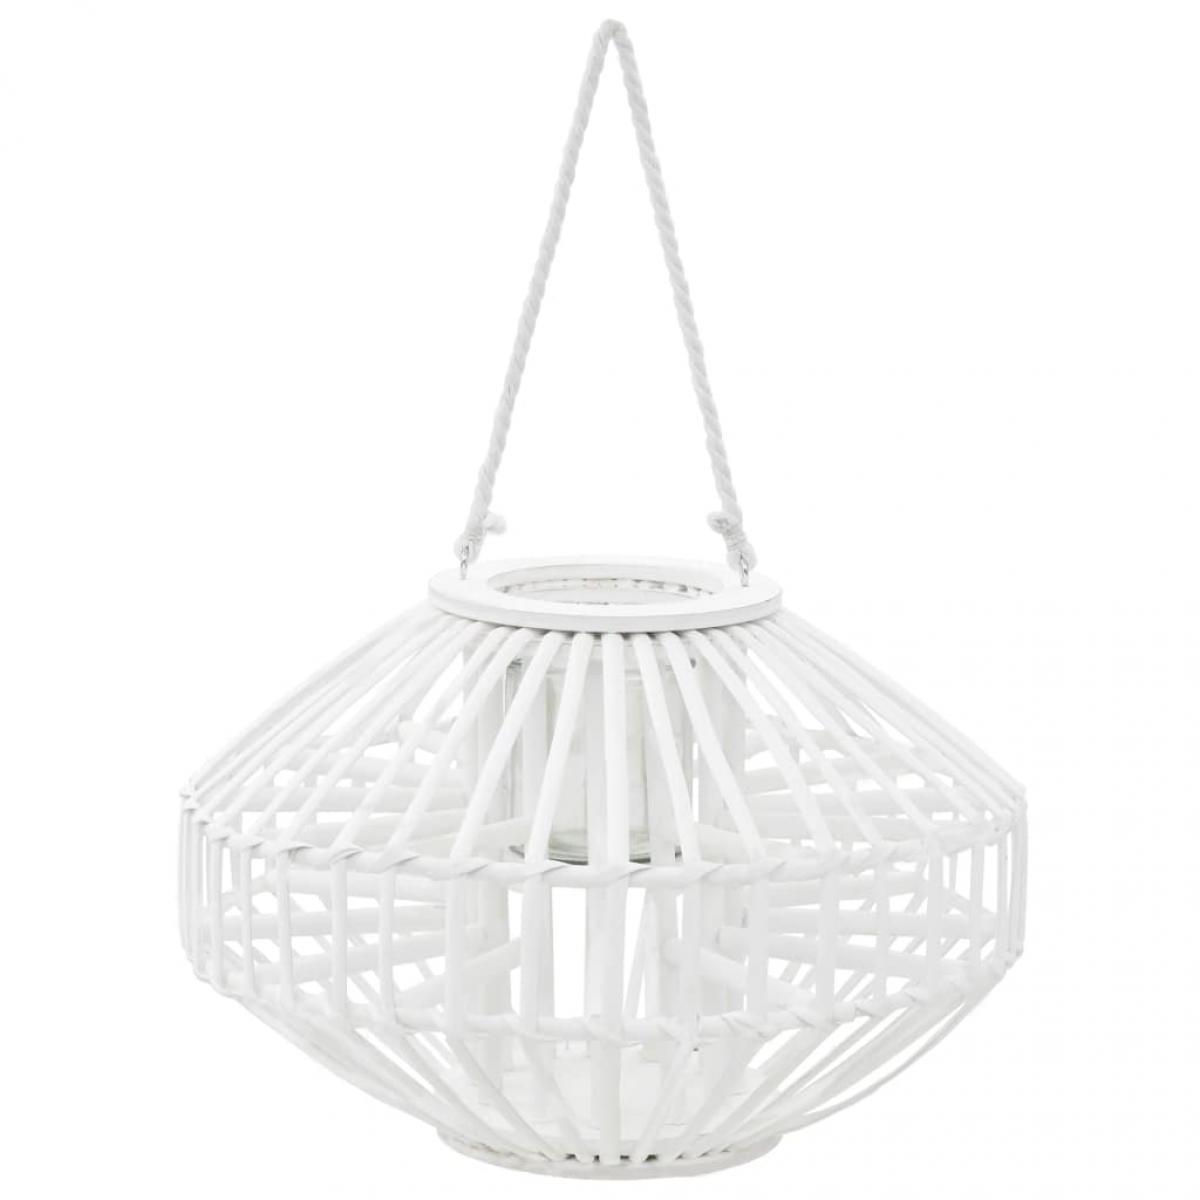 Decoshop26 Bougeoir suspendu ou lanterne sur pied porte-bougie osier blanc décoration extérieur DEC020014